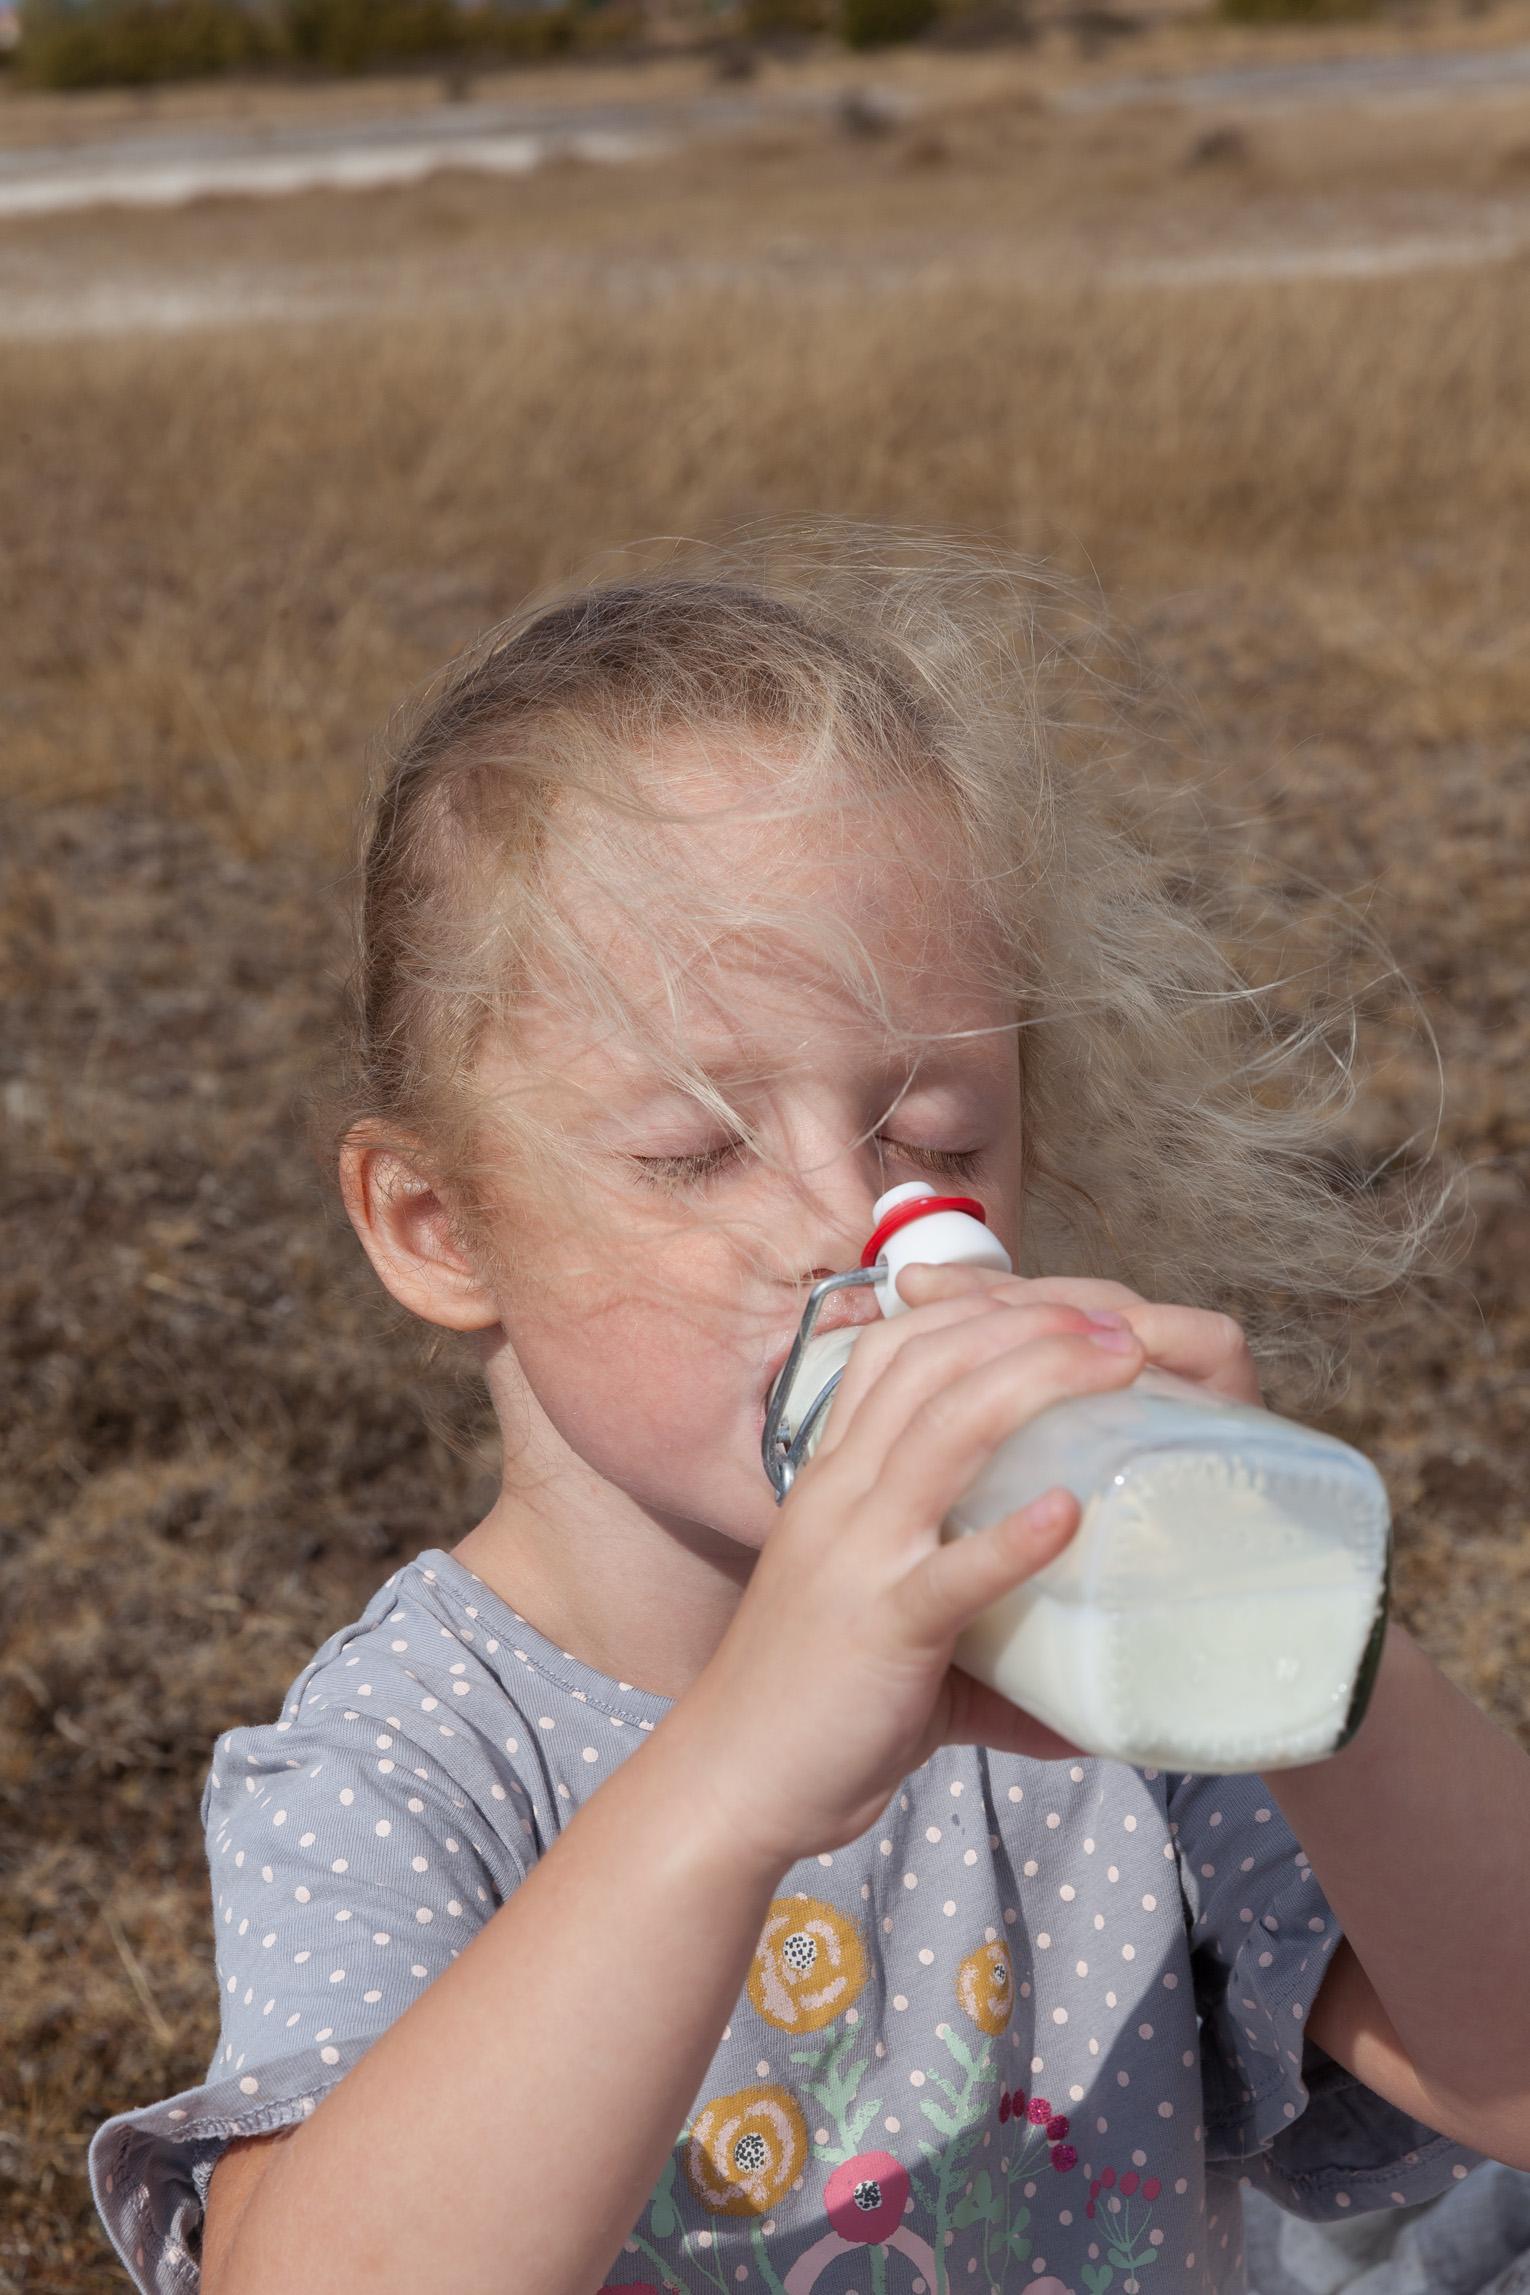 Mjölk barn